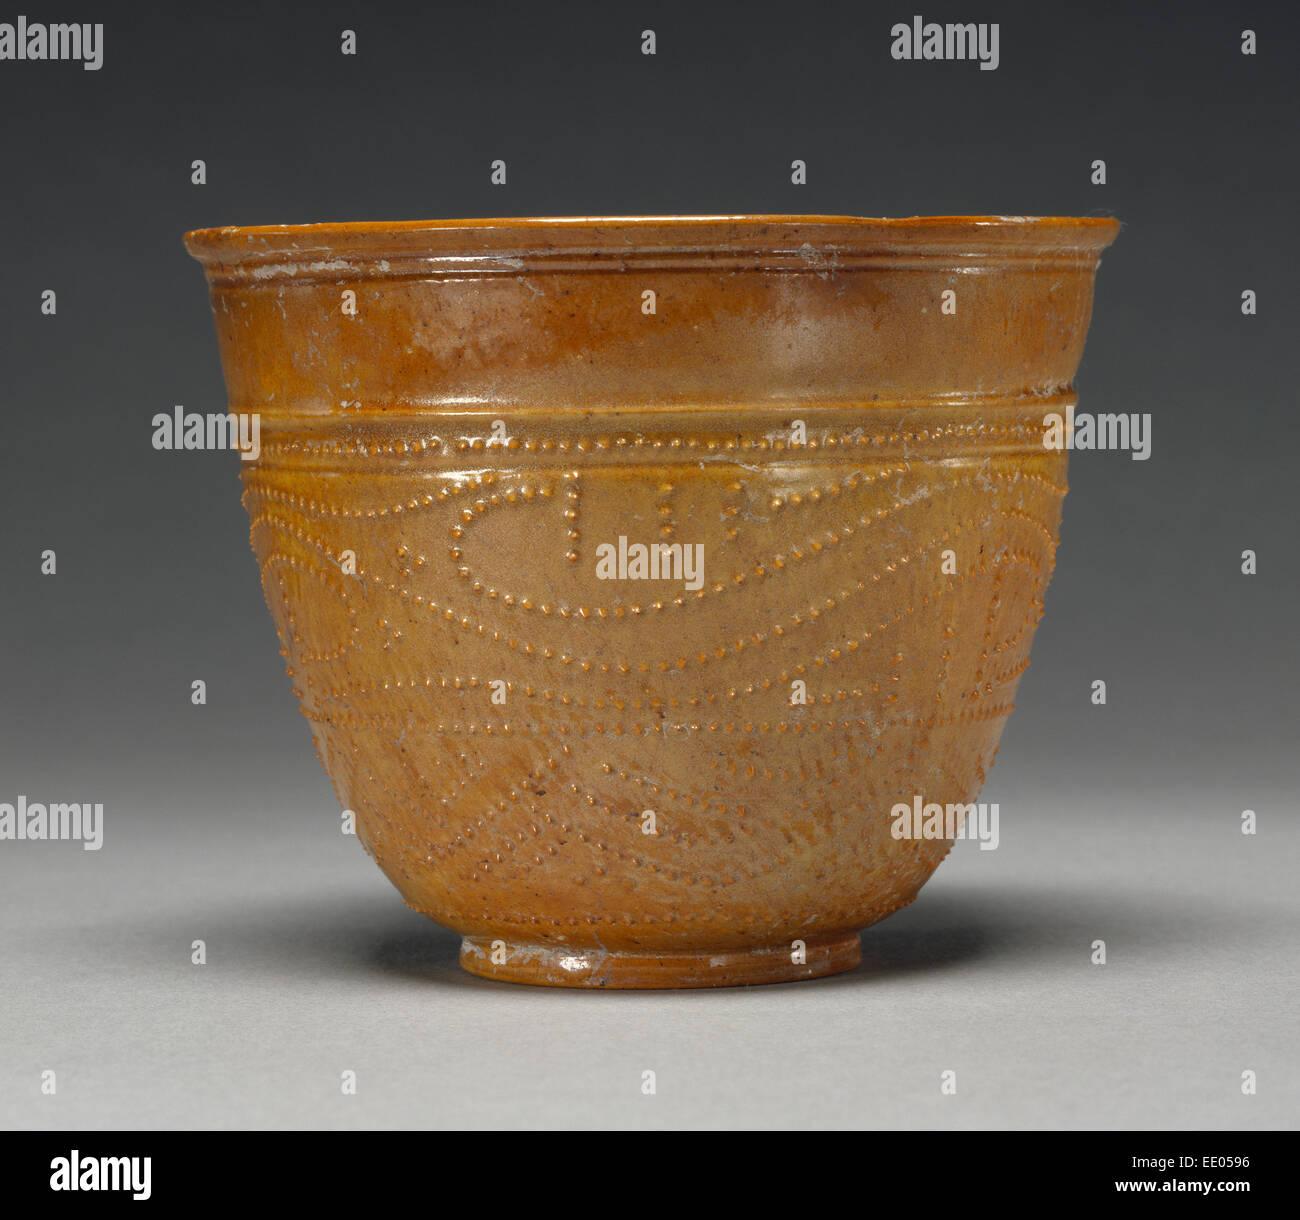 Glazed Stock Photos Amp Glazed Stock Images Alamy